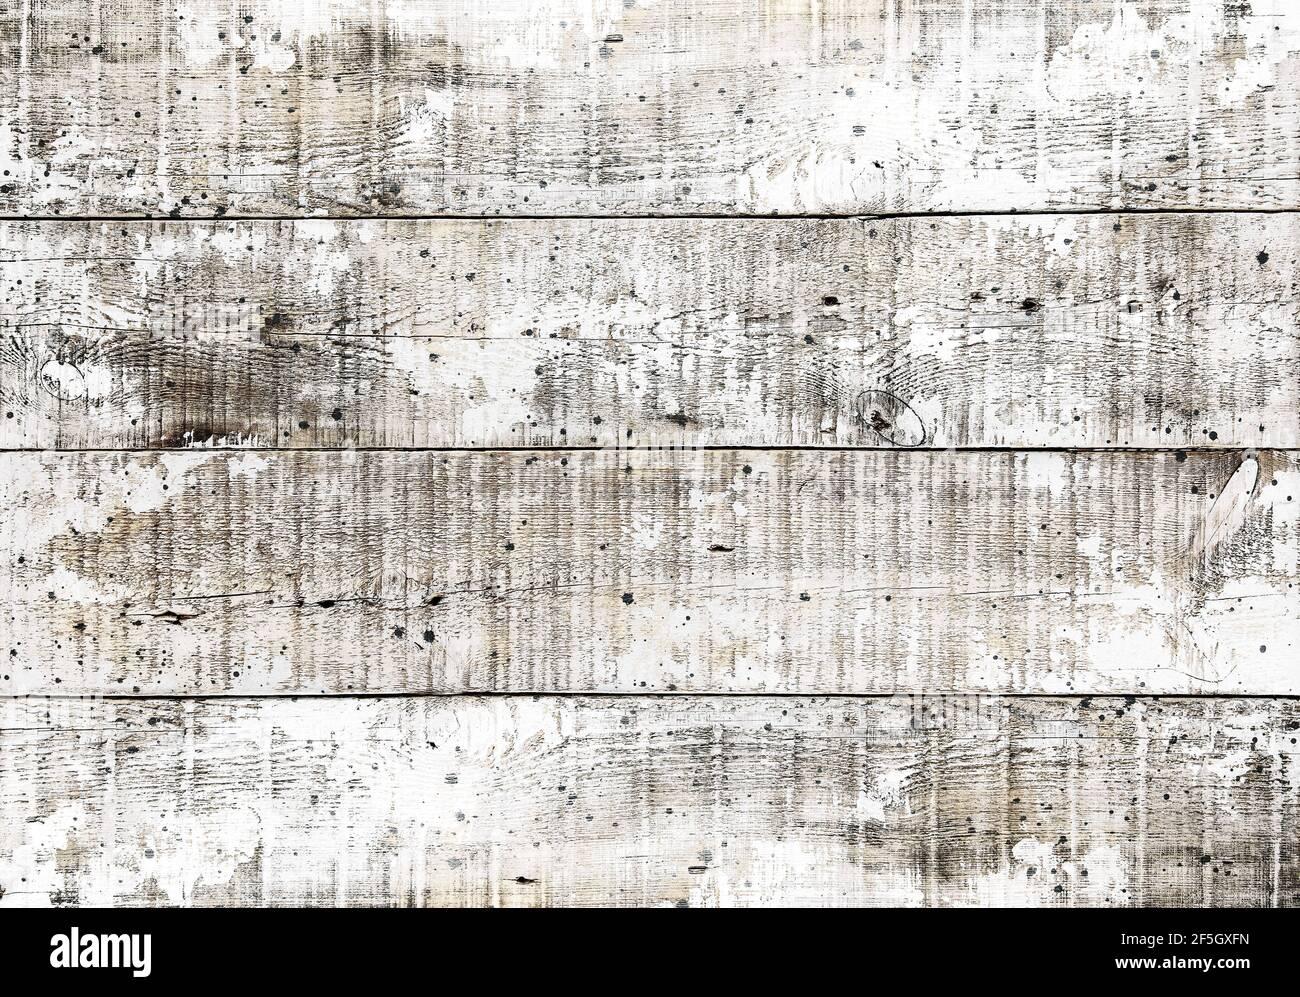 Texture en bois vieilli. Arrière-plan rustique en bois blanc Banque D'Images